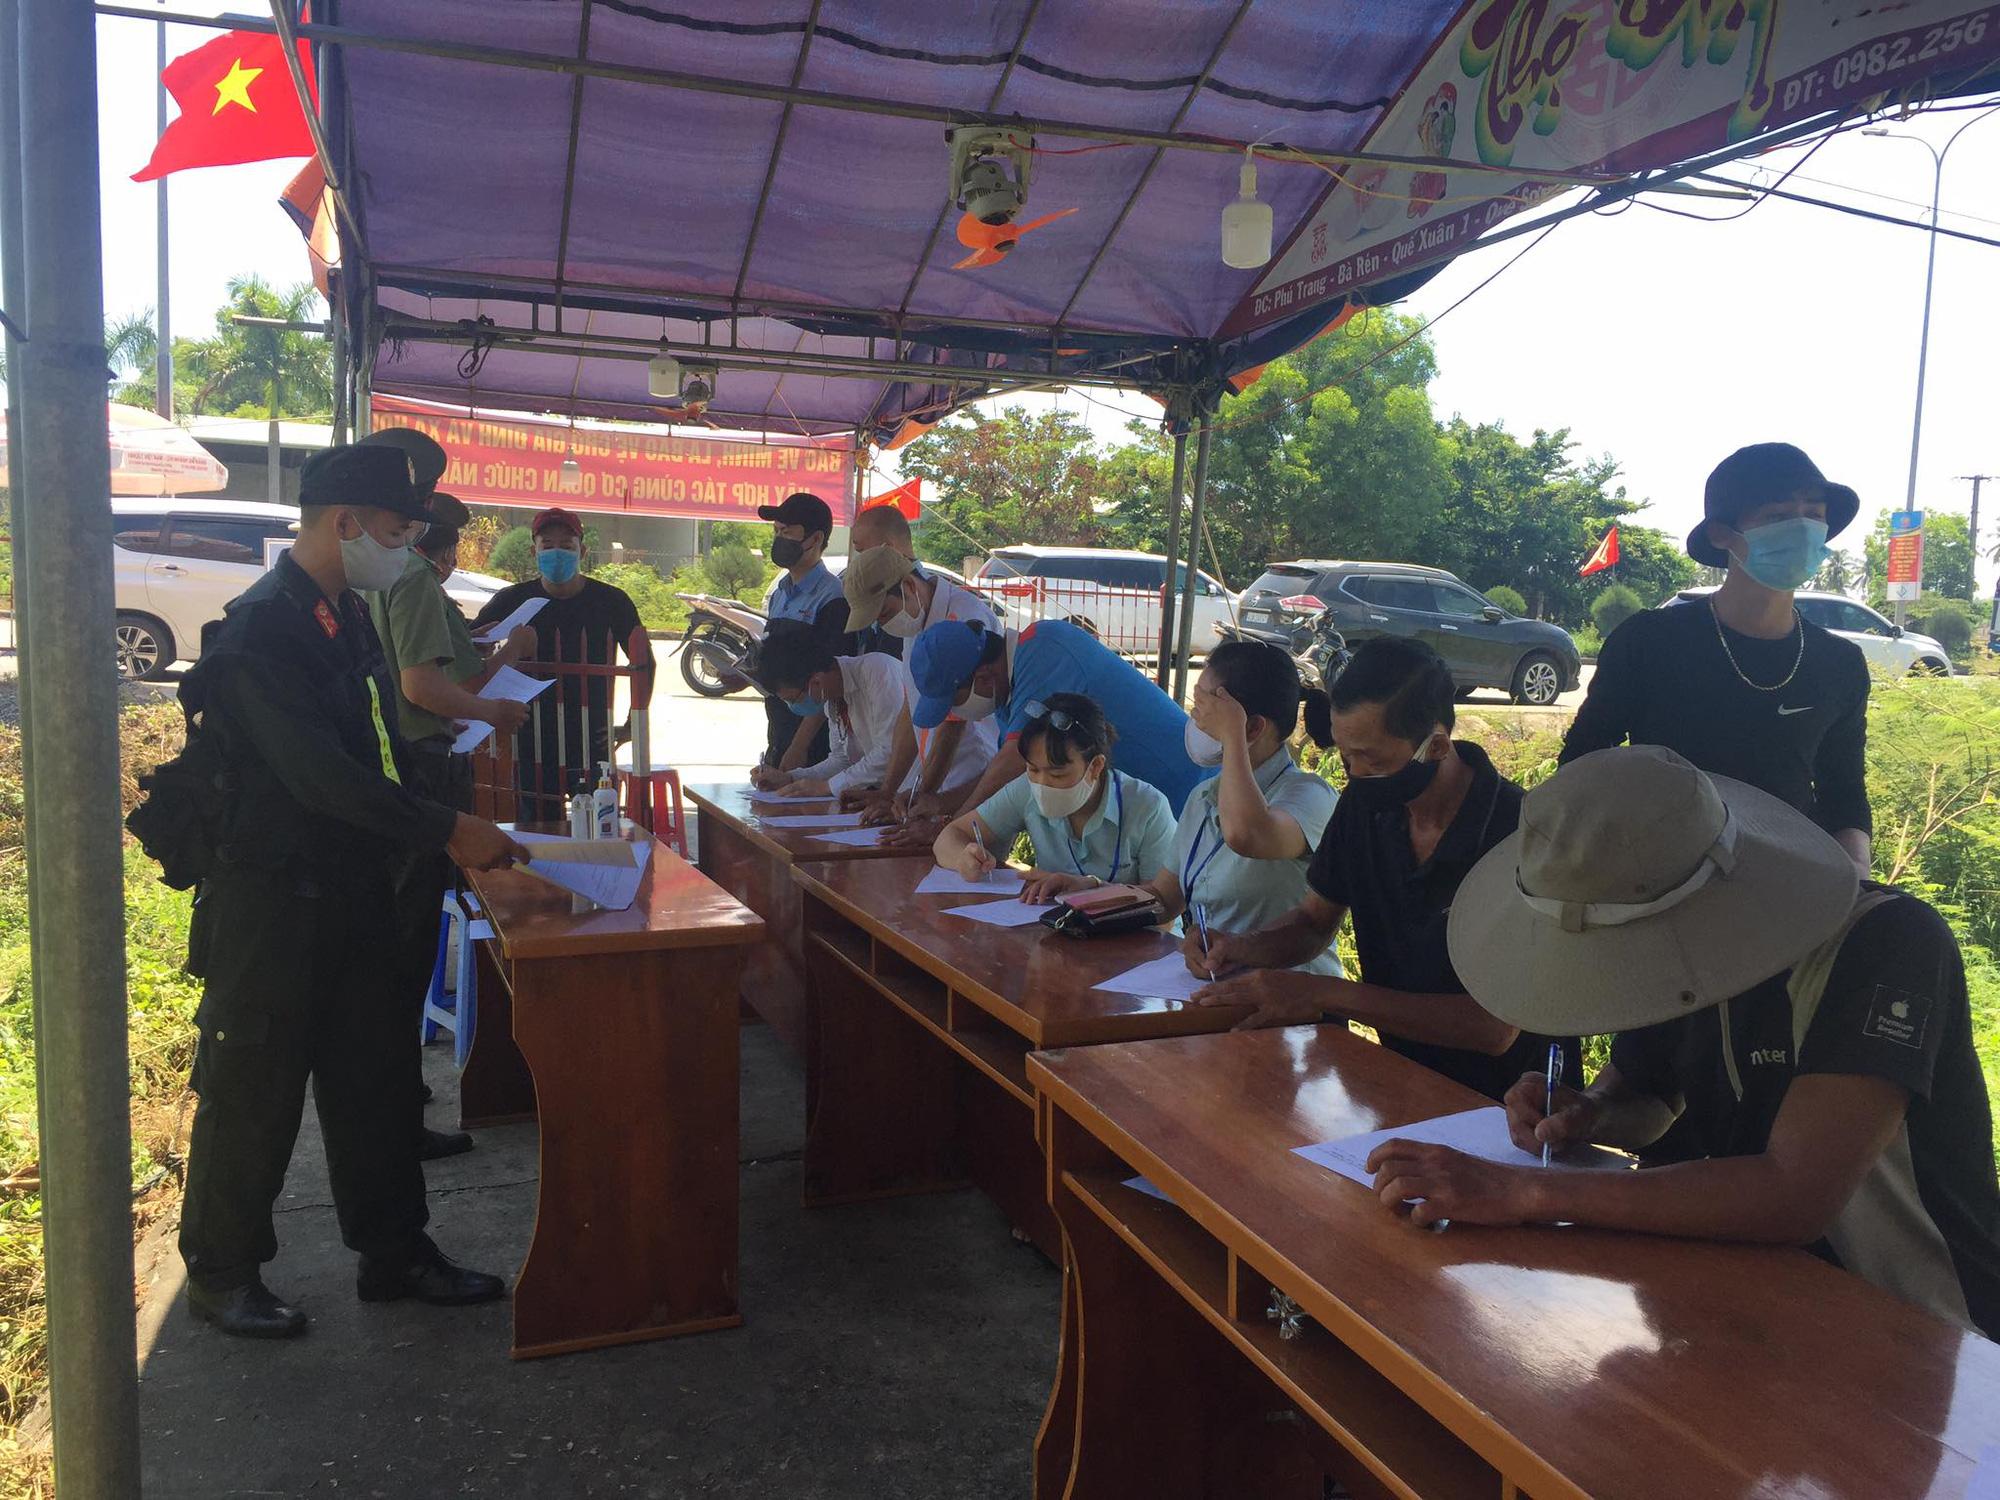 Quảng Nam: Khẩn trương truy tìm người tiếp xúc với quản đốc quản lý 400 công nhân - Ảnh 2.